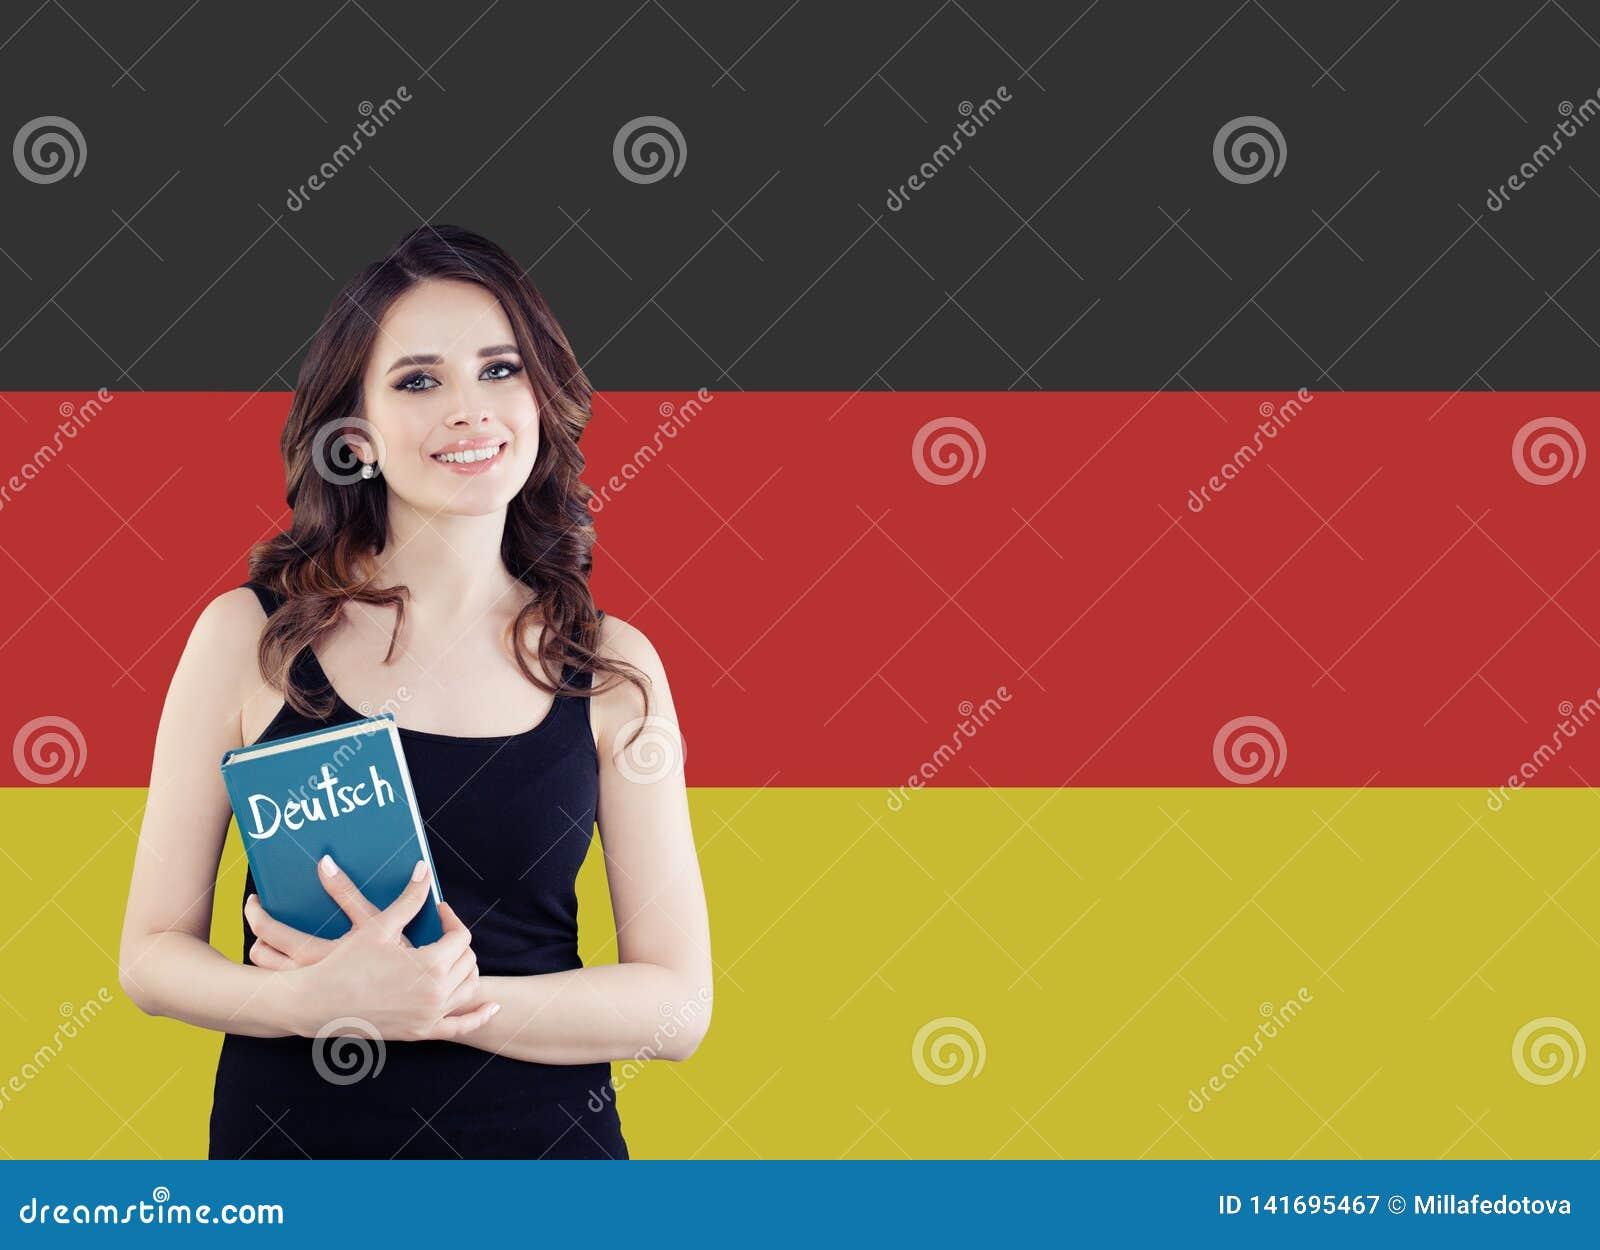 学会德语 拿着phrasebook的可爱的年轻女人反对德国旗子背景